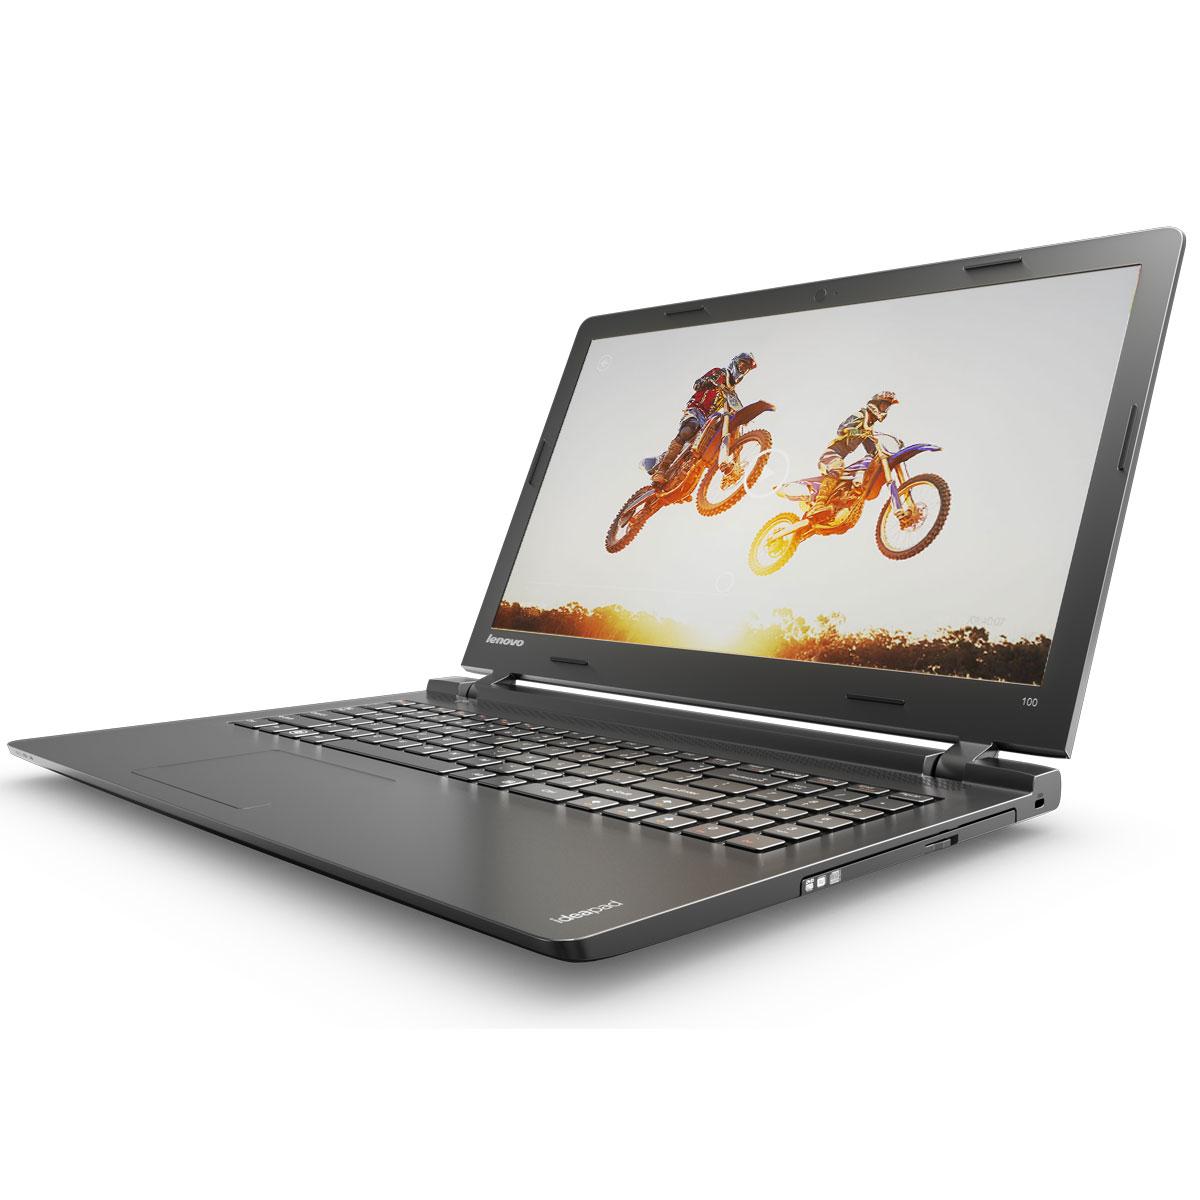 Lenovo IdeaPad 100-15, Black (80QQ003TRK)80QQ003TRKТонкий, доступный по цене 15,6-дюймовый ноутбук Lenovo IdeaPad 100. Все, что нужно. Ничего лишнего. Если вы ищете недорогой производительный ноутбук, выбирайте IdeaPad 100. Процессор от Intel - идеальный компонент для мобильного компьютера, с отличным соотношением цены и производительности. Благодаря высокой энергоэффективности его можно заряжать реже. Созданы для спокойствия: Вы когда-нибудь работали с ноутбуком в кафе? Оставлять его на столике без присмотра довольно опасно. К счастью, Ideapad 100 можно защитить замком Kensington MiniSaver. Прочный тросик позволит пристегнуть устройство к тяжелому или неподвижному предмету, а затем спокойно отойти к столику друзей или за новой чашкой кофе. Тонкий, легкий и портативный: Хватить изнывать под тяжестью громоздкого ноутбука. Модель Ideapad 100 имеет всего 20,6 мм в толщину и весит около 2,3 кг - идеальный вариант для поездок и путешествий. Модули подключения: С помощью...